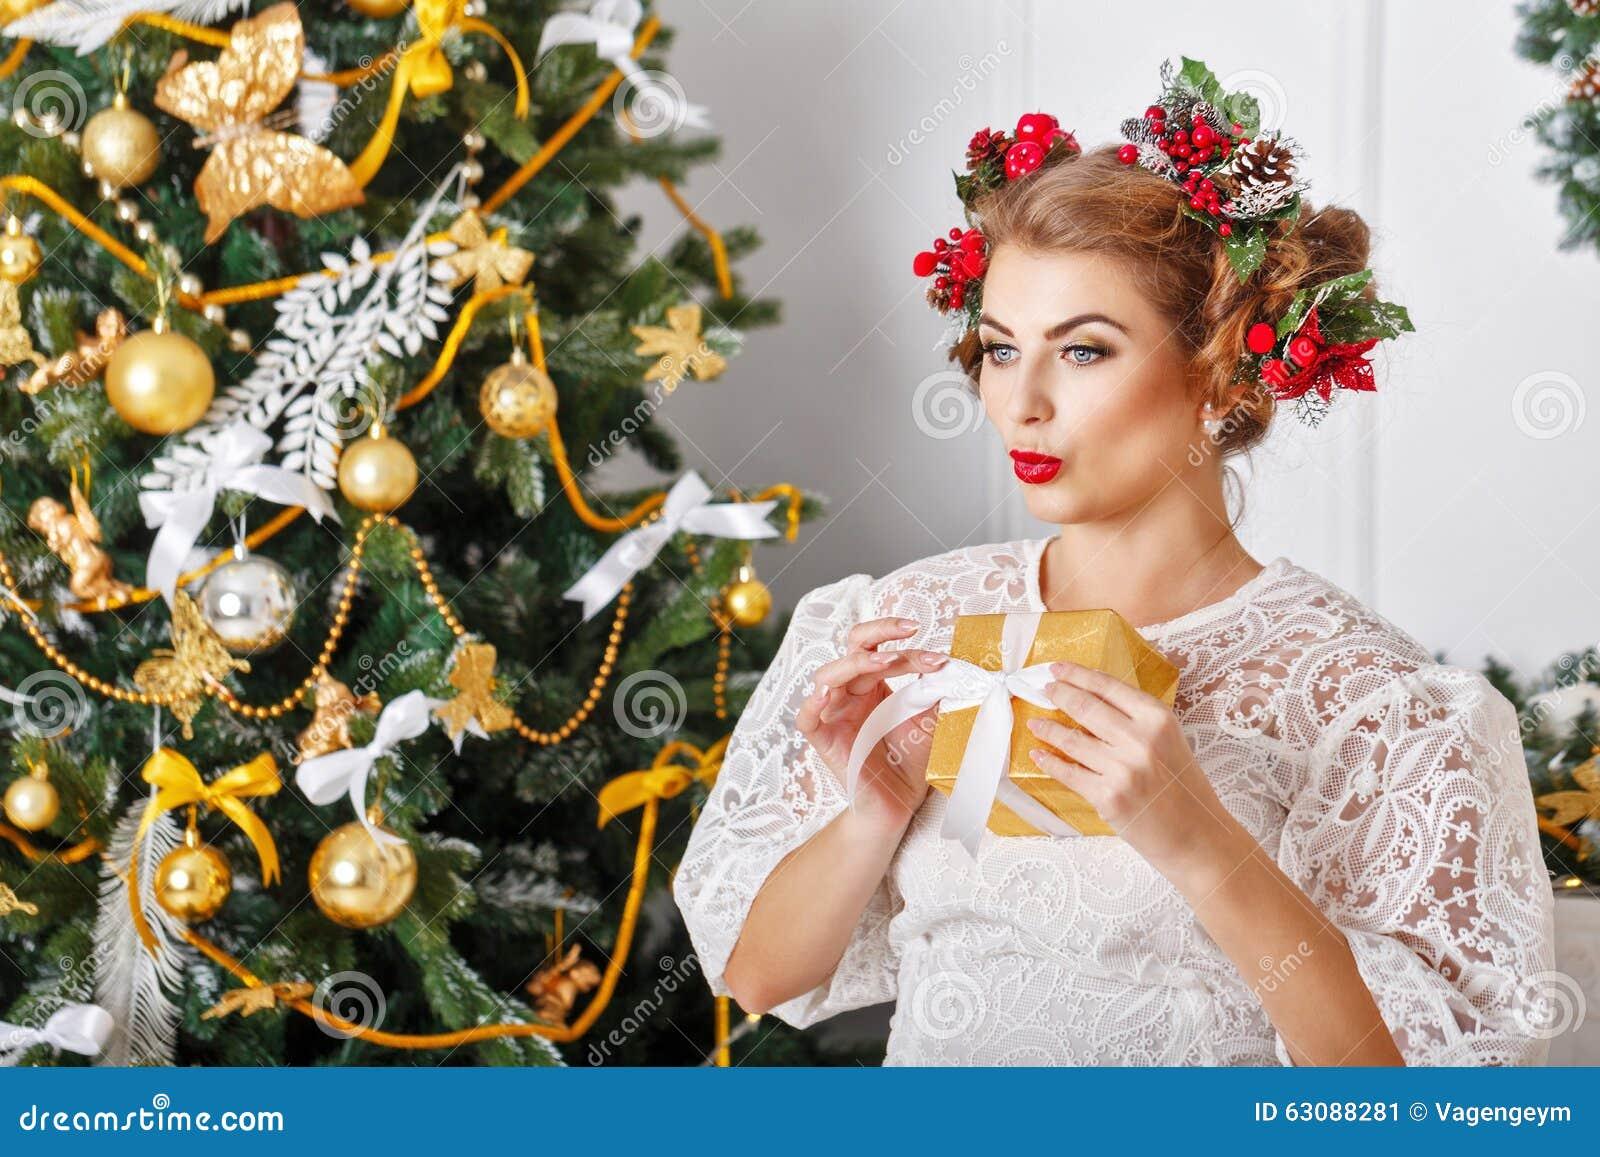 Download La Fille Tient Un Cadeau De Noël Image stock - Image du mignon, noel: 63088281